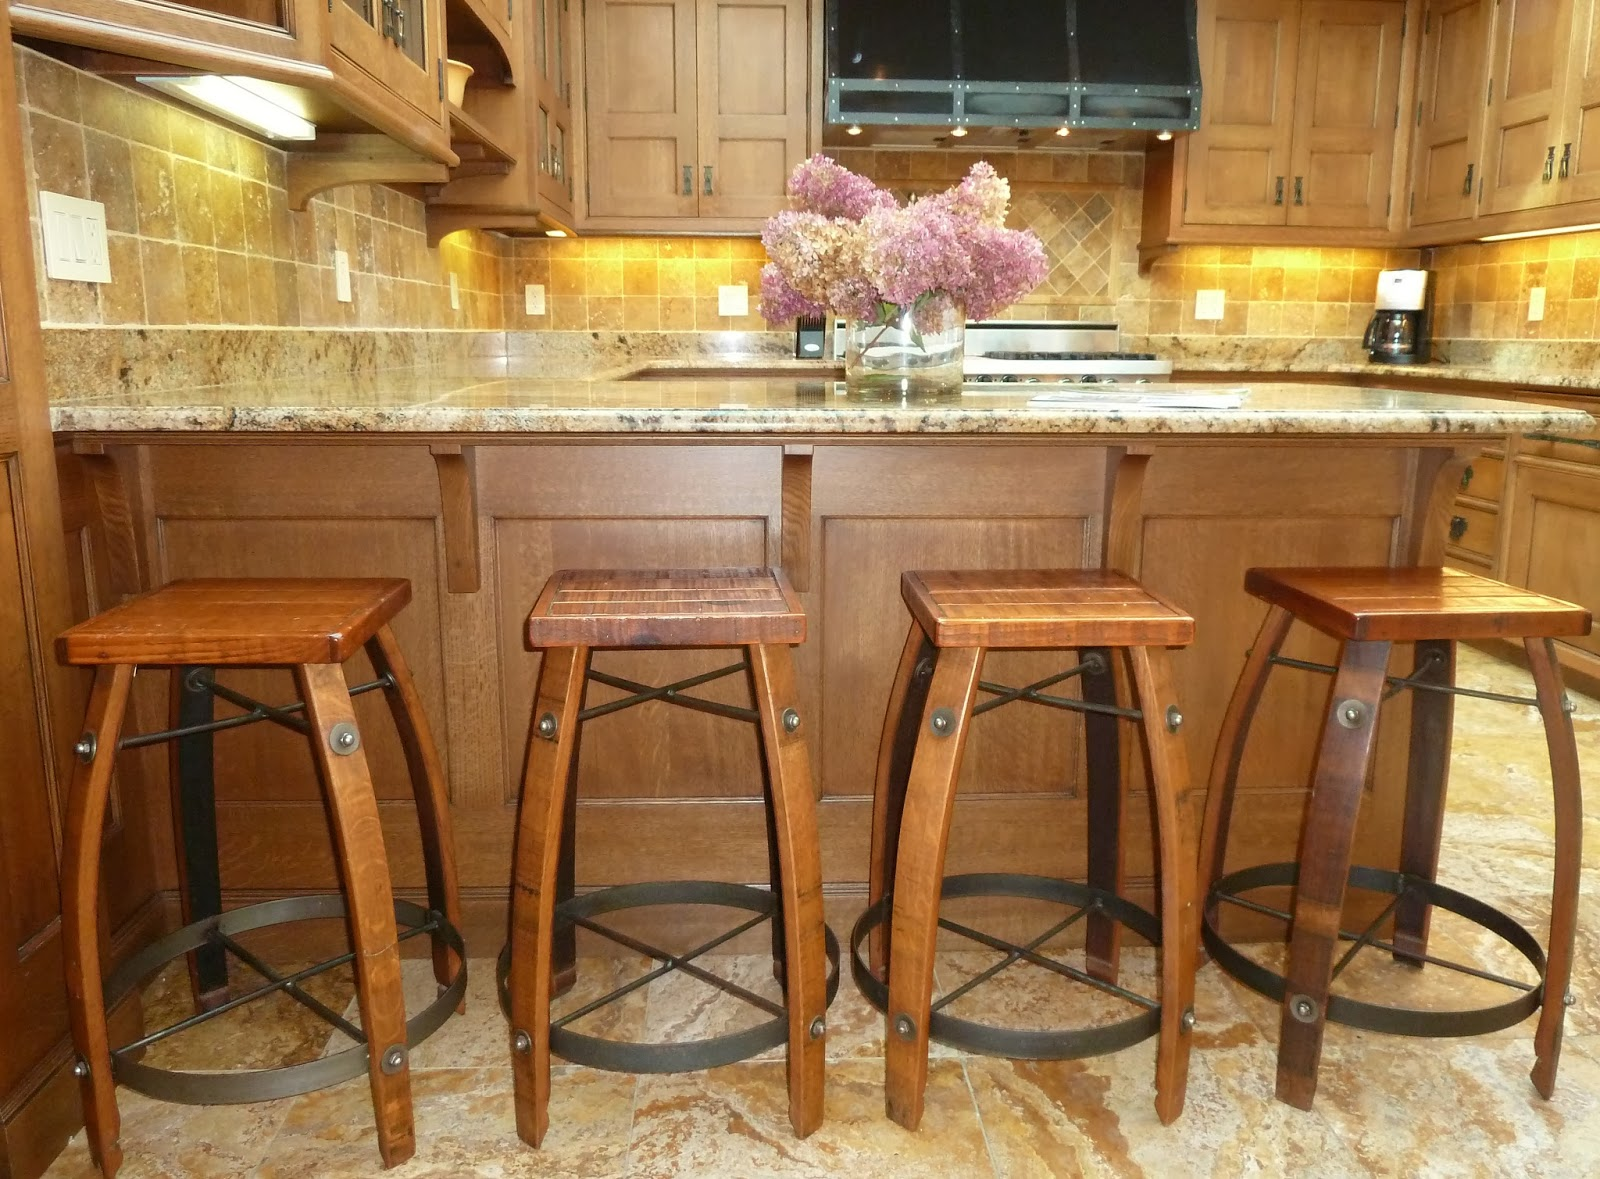 Design Vignettes Comparing kitchens  : rustickitchenislandstools from designvignettes.blogspot.com size 1600 x 1179 jpeg 366kB